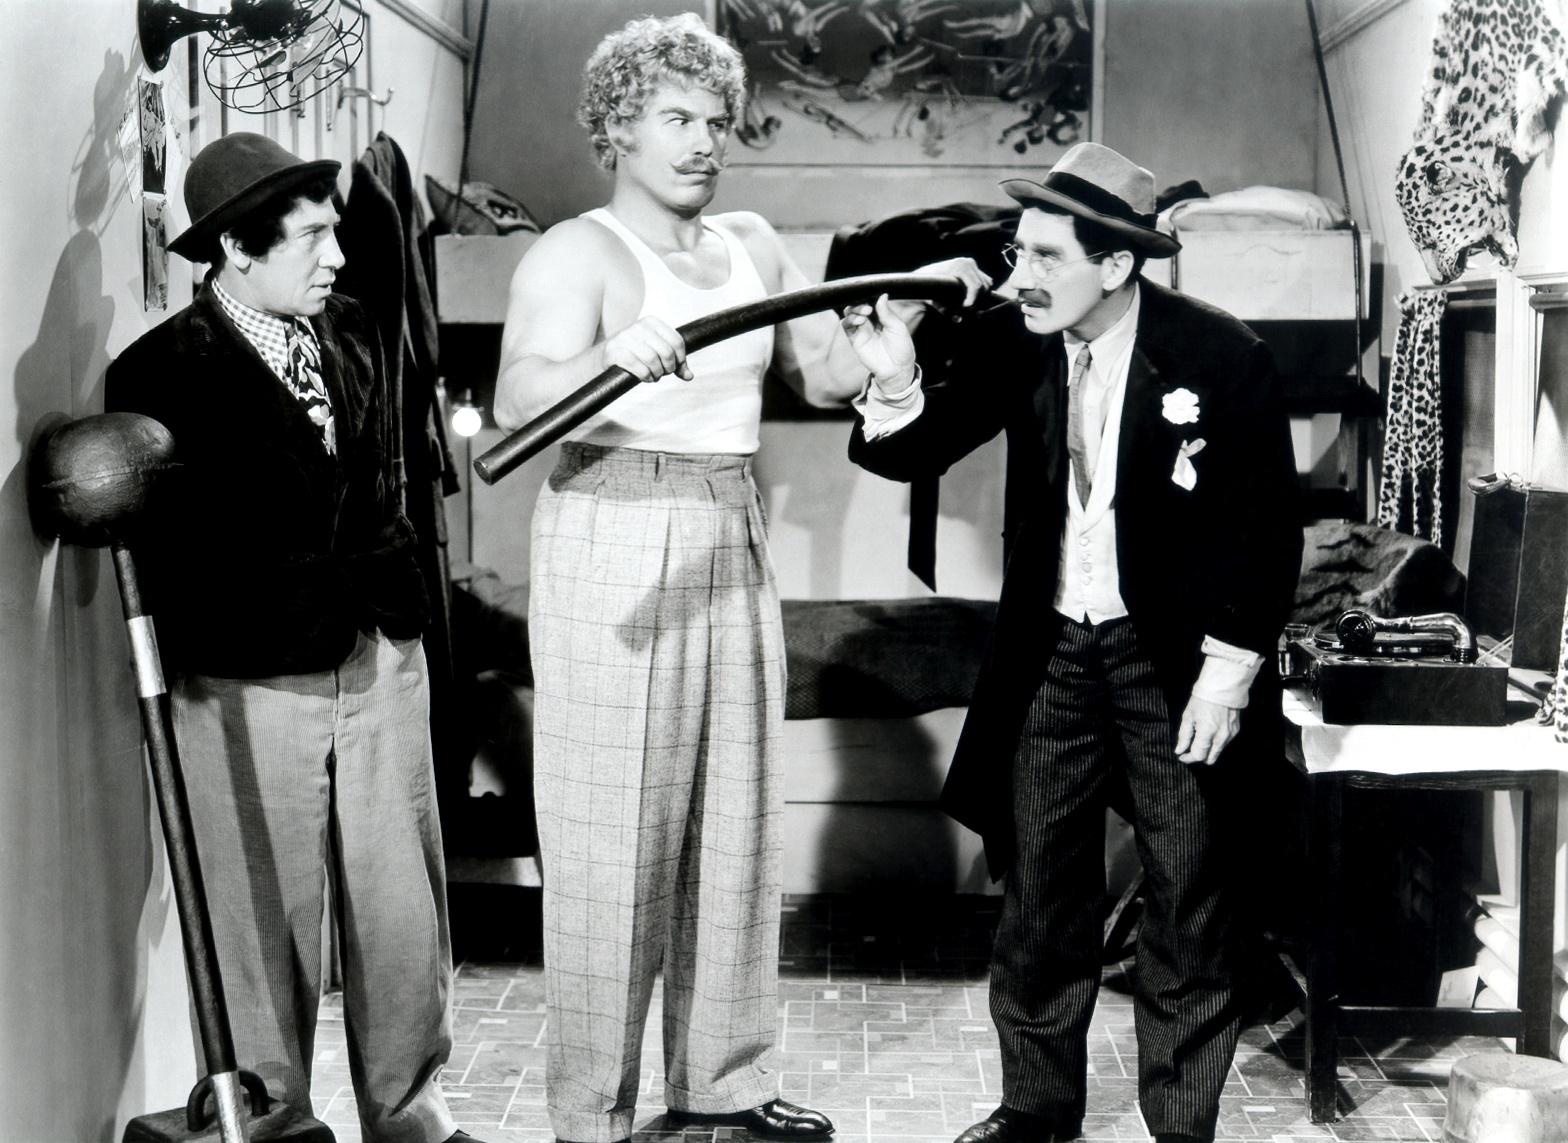 Midget circus orchestra 1940